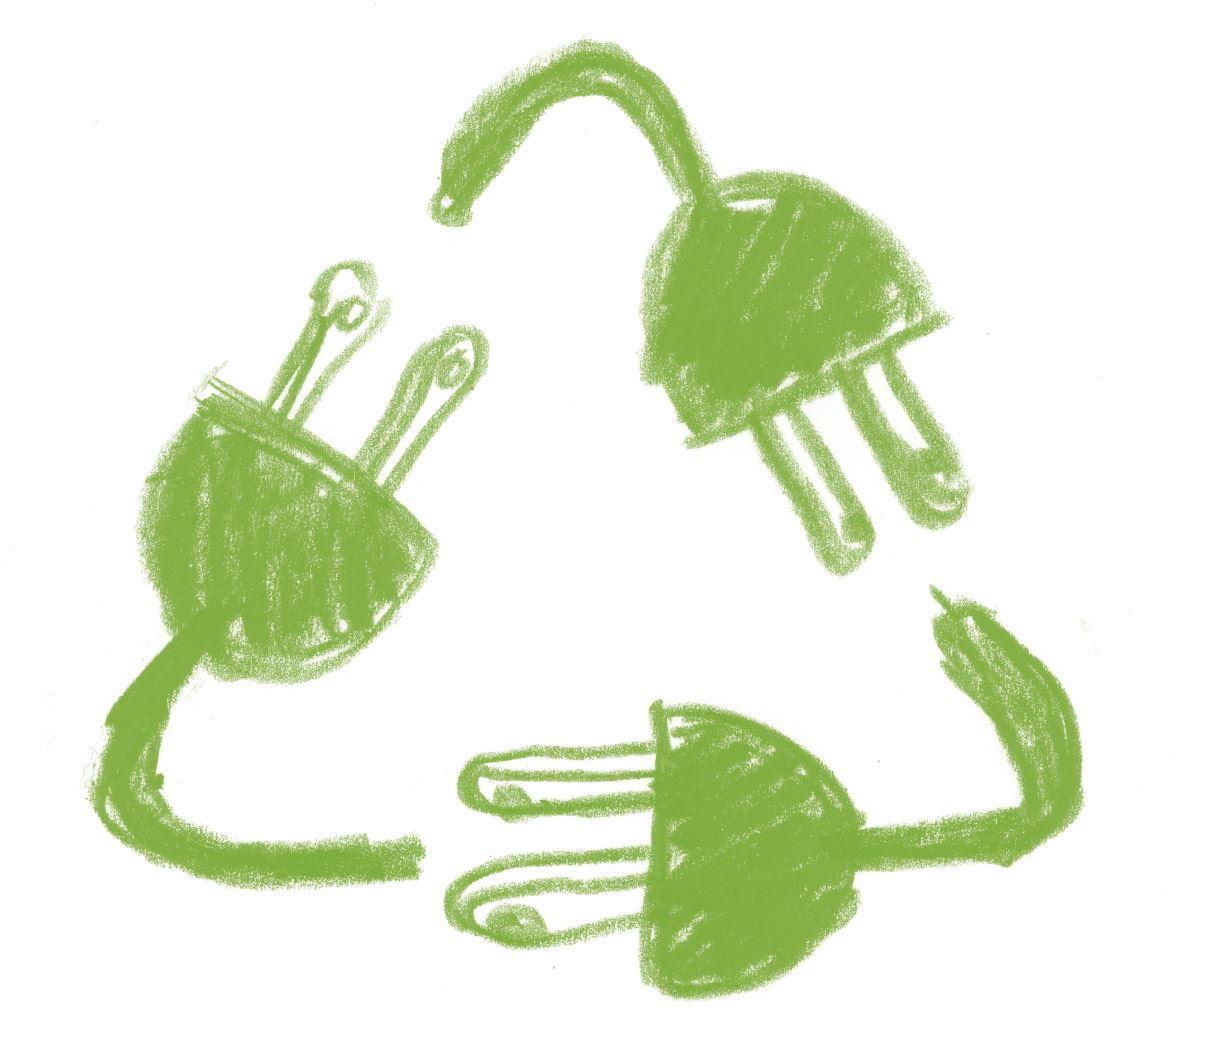 e-recycling logo